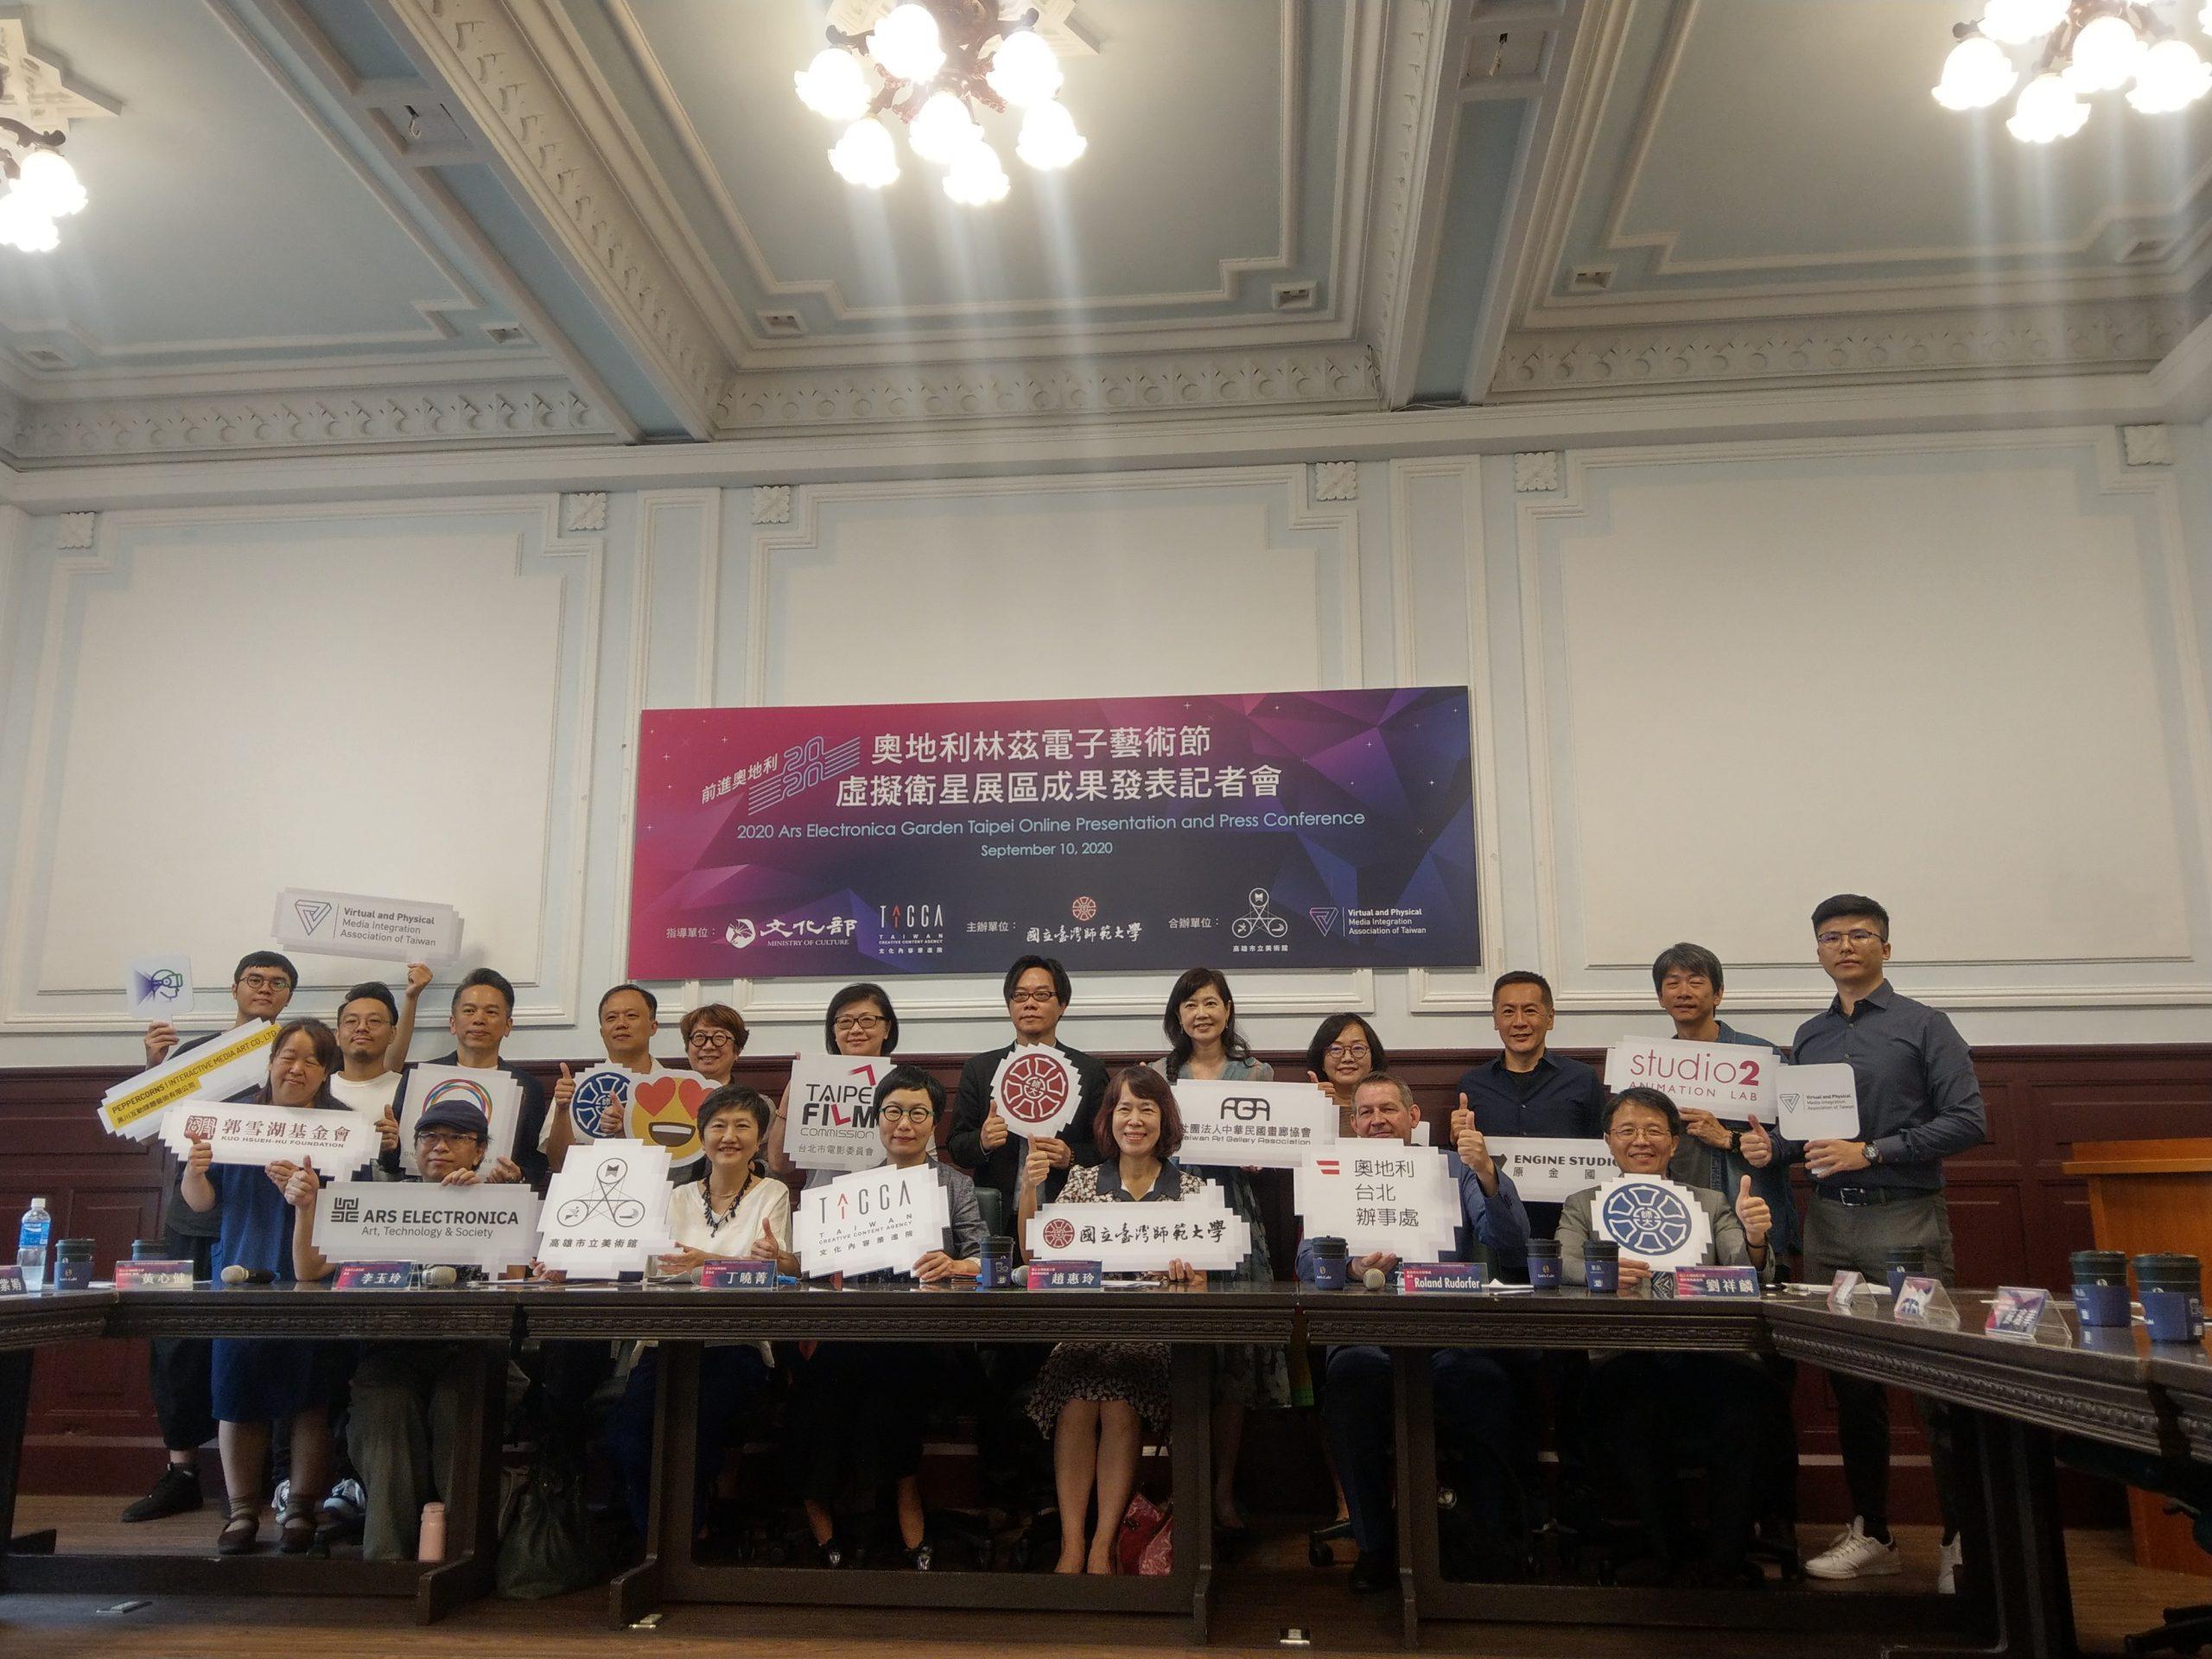 黃心健教授領銜「VR臺灣萬花筒」  前進2020奧地利電子藝術節線上會展